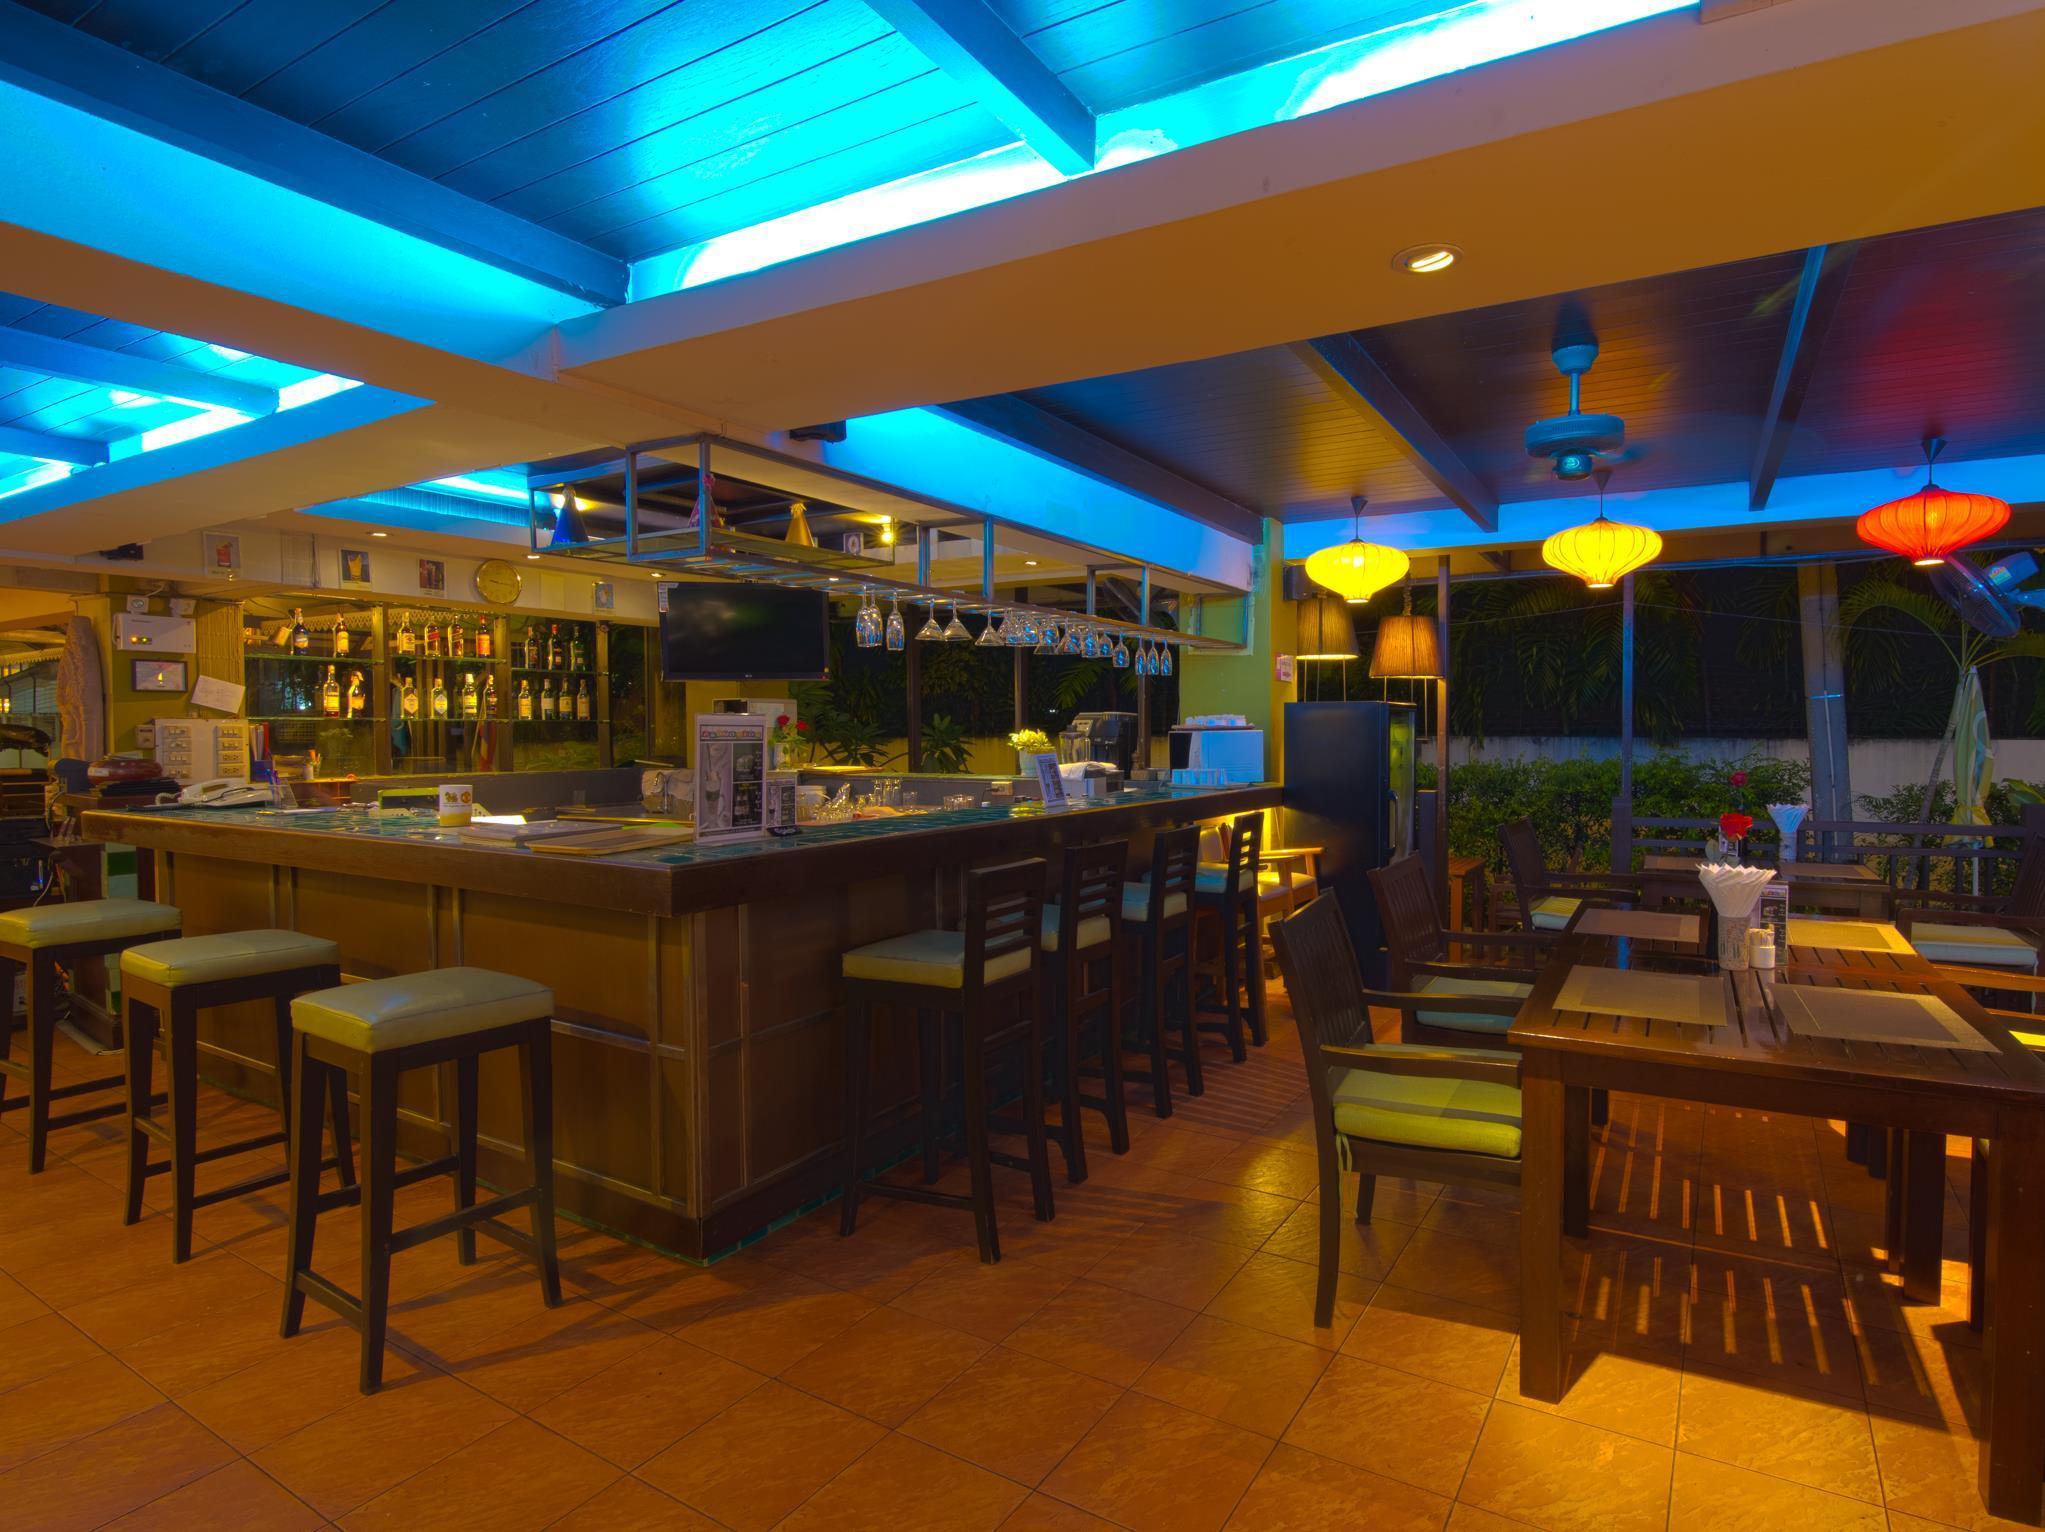 โรงแรมวรบุรี สุขุมวิท